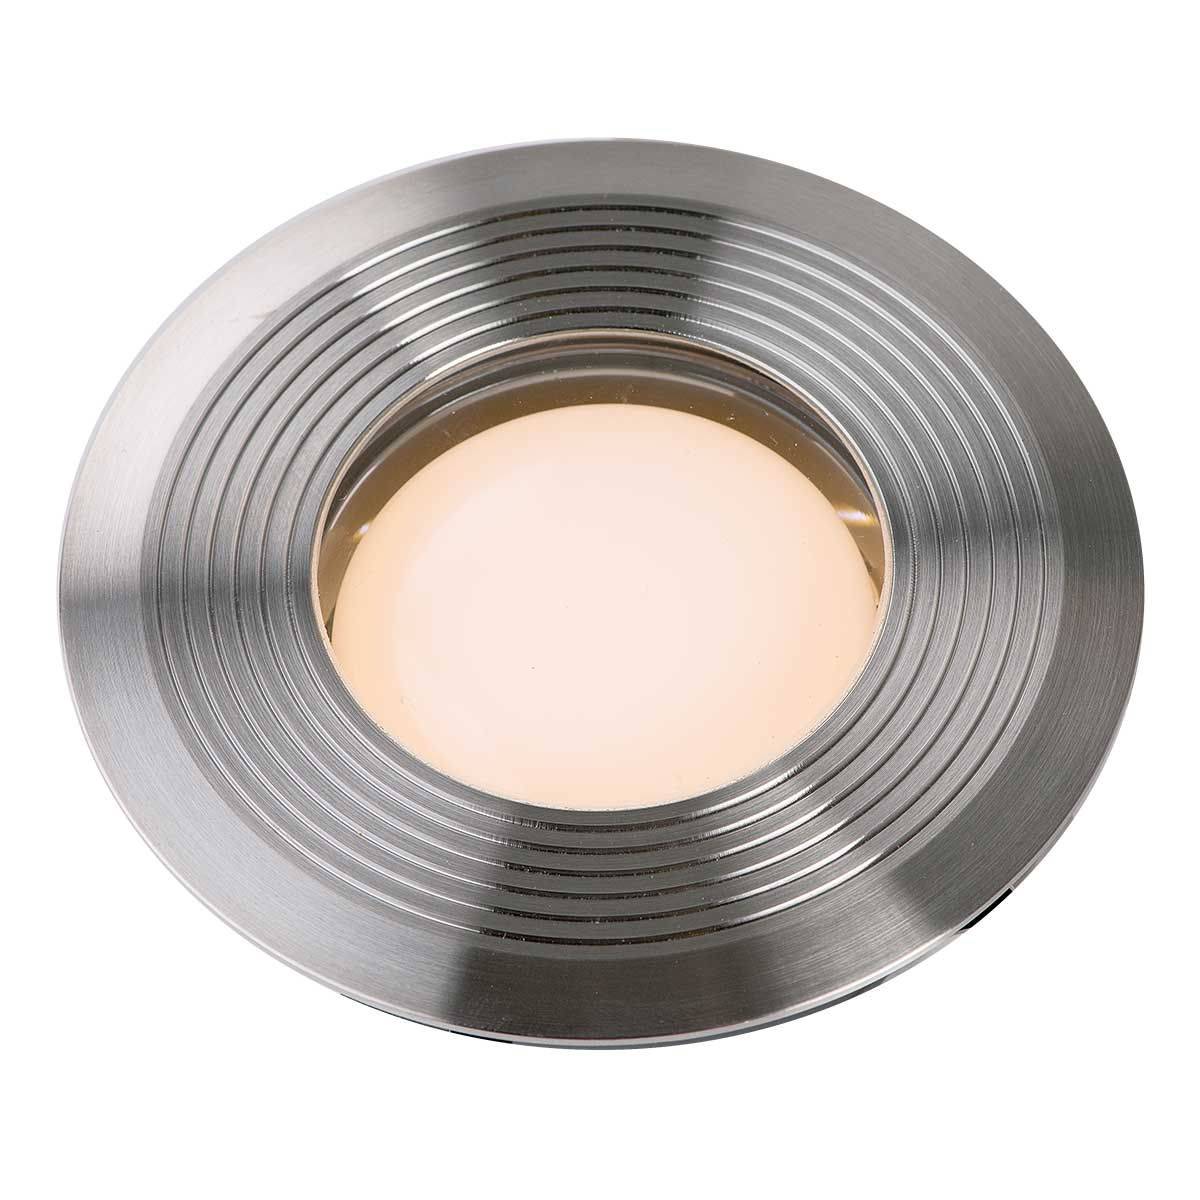 Einbauleuchte Onyx 90 R1, aus Edelstahl, warm weiss, 12 V, 1.5 W, 45 x 105 mm